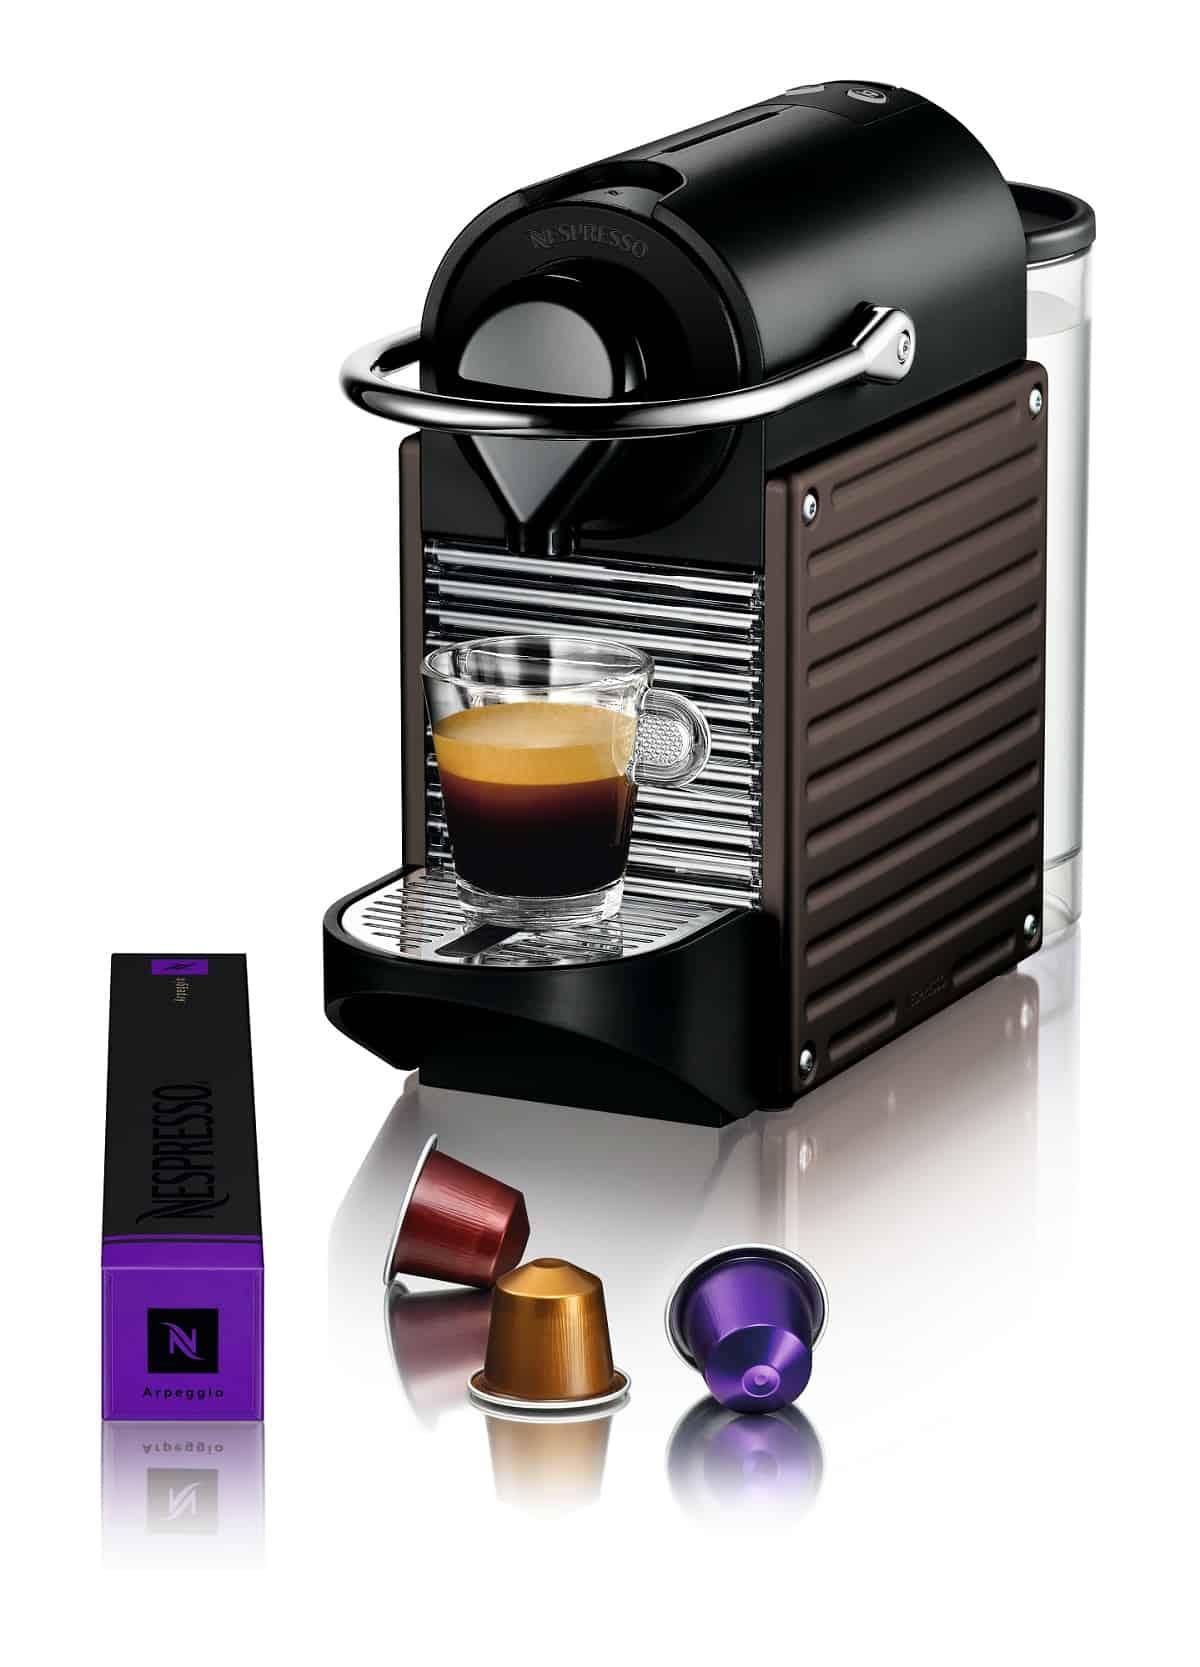 PIXIE, le due nuove macchine Nespresso fatte con capsule riciclate